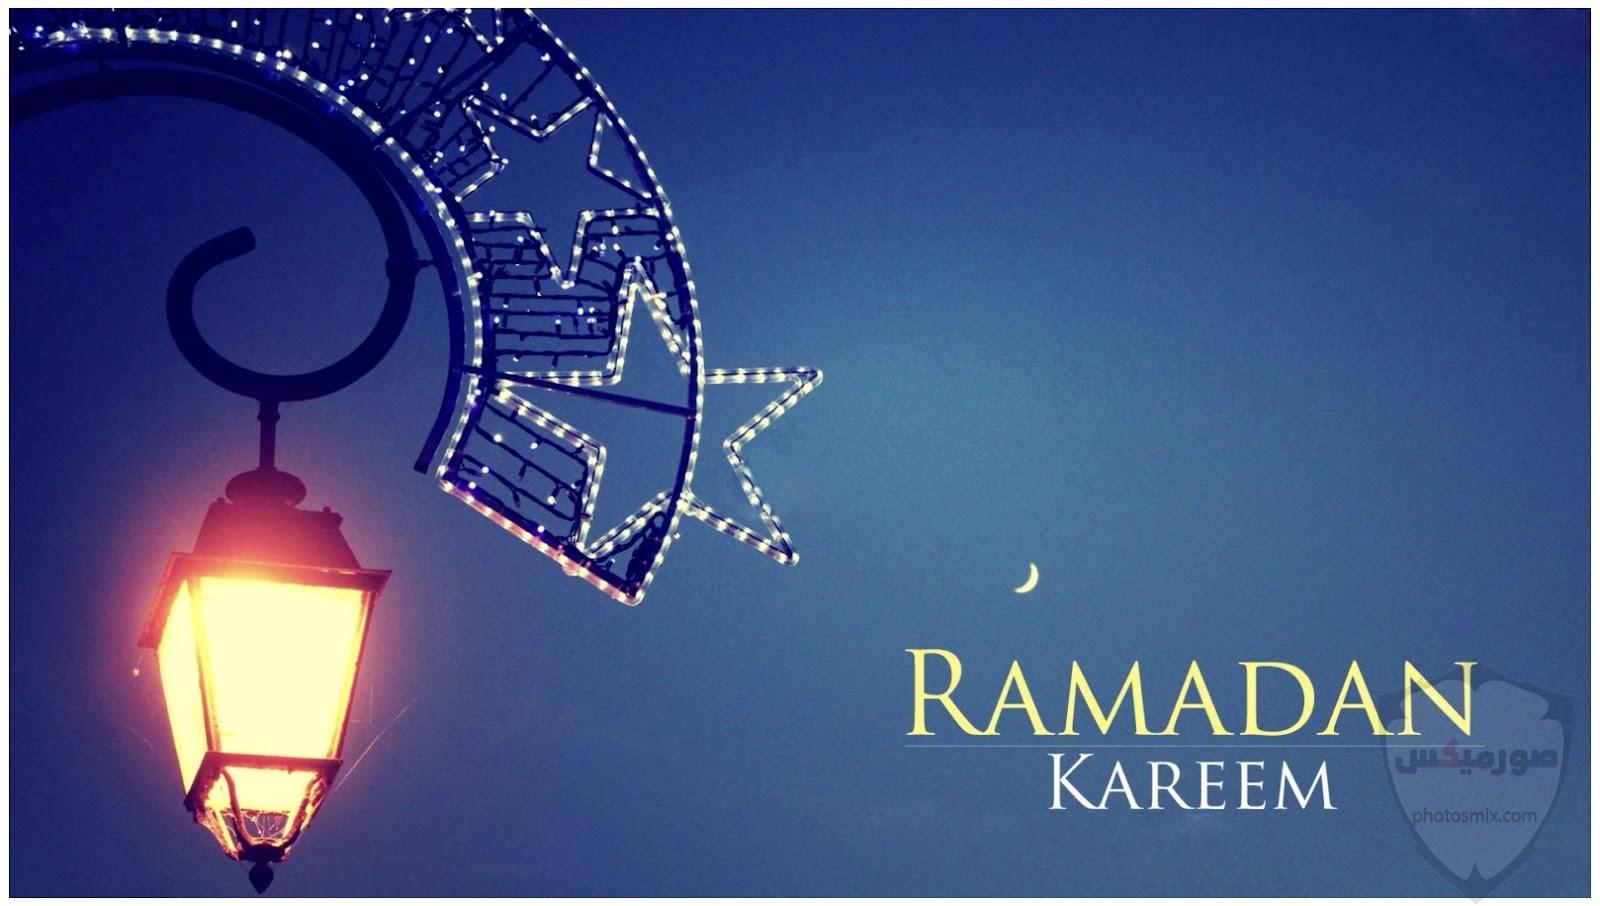 اجمل الصور رمضان كريم 10